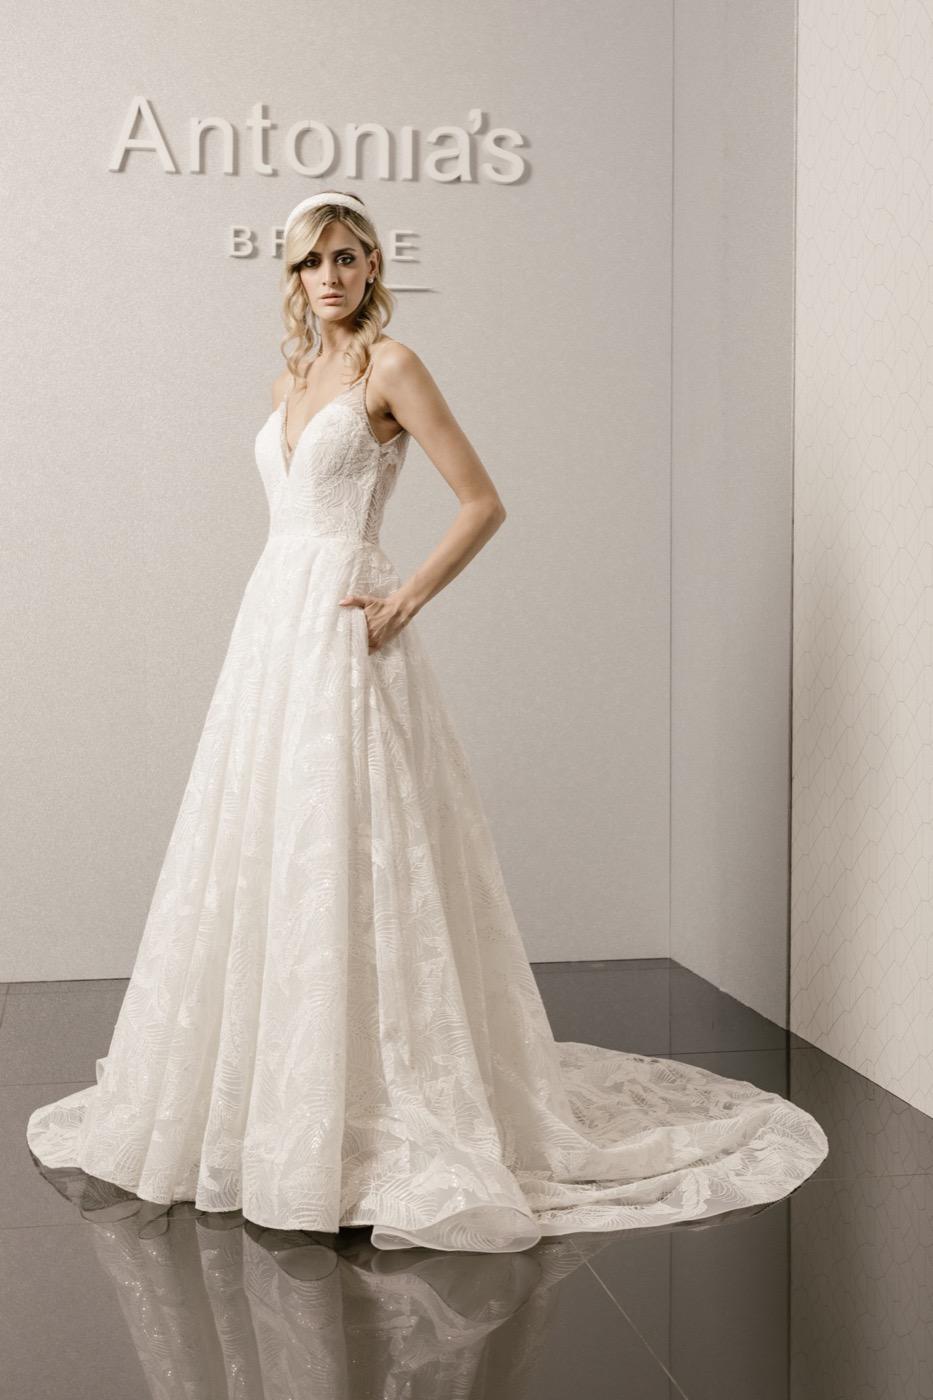 Antoinia's Bride